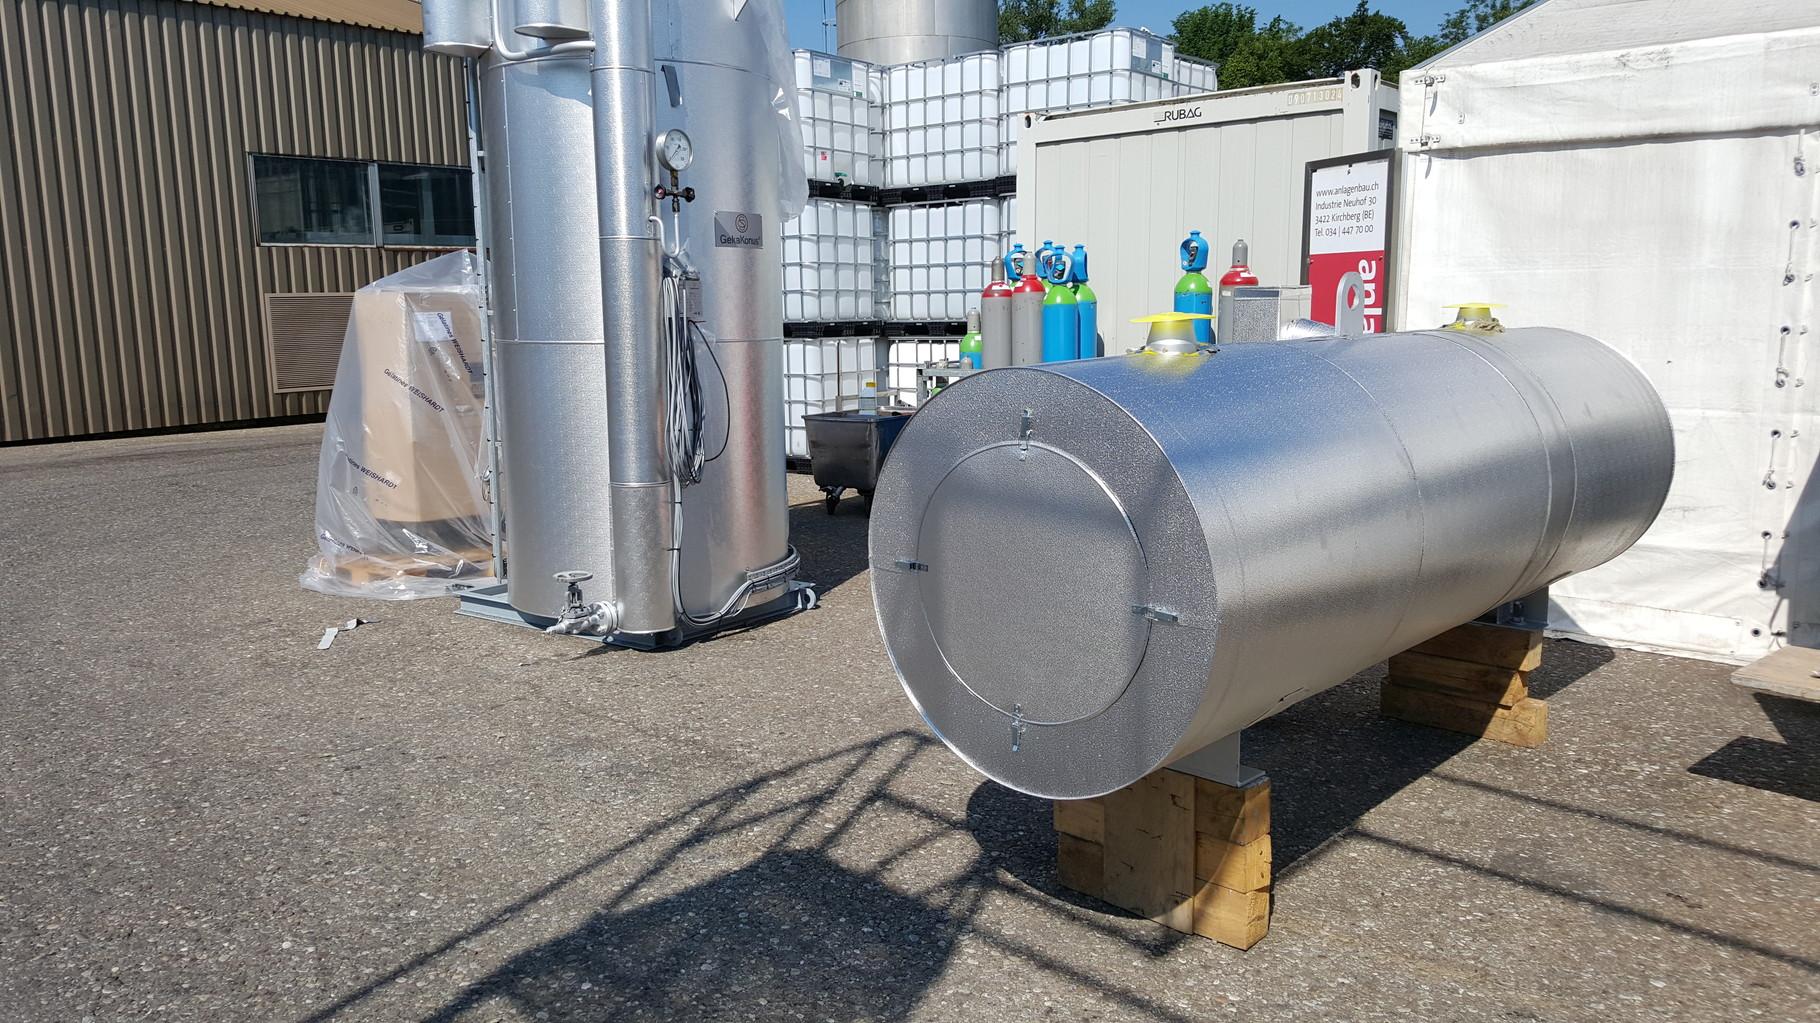 Dampfdruckbehälter nach der Isolation